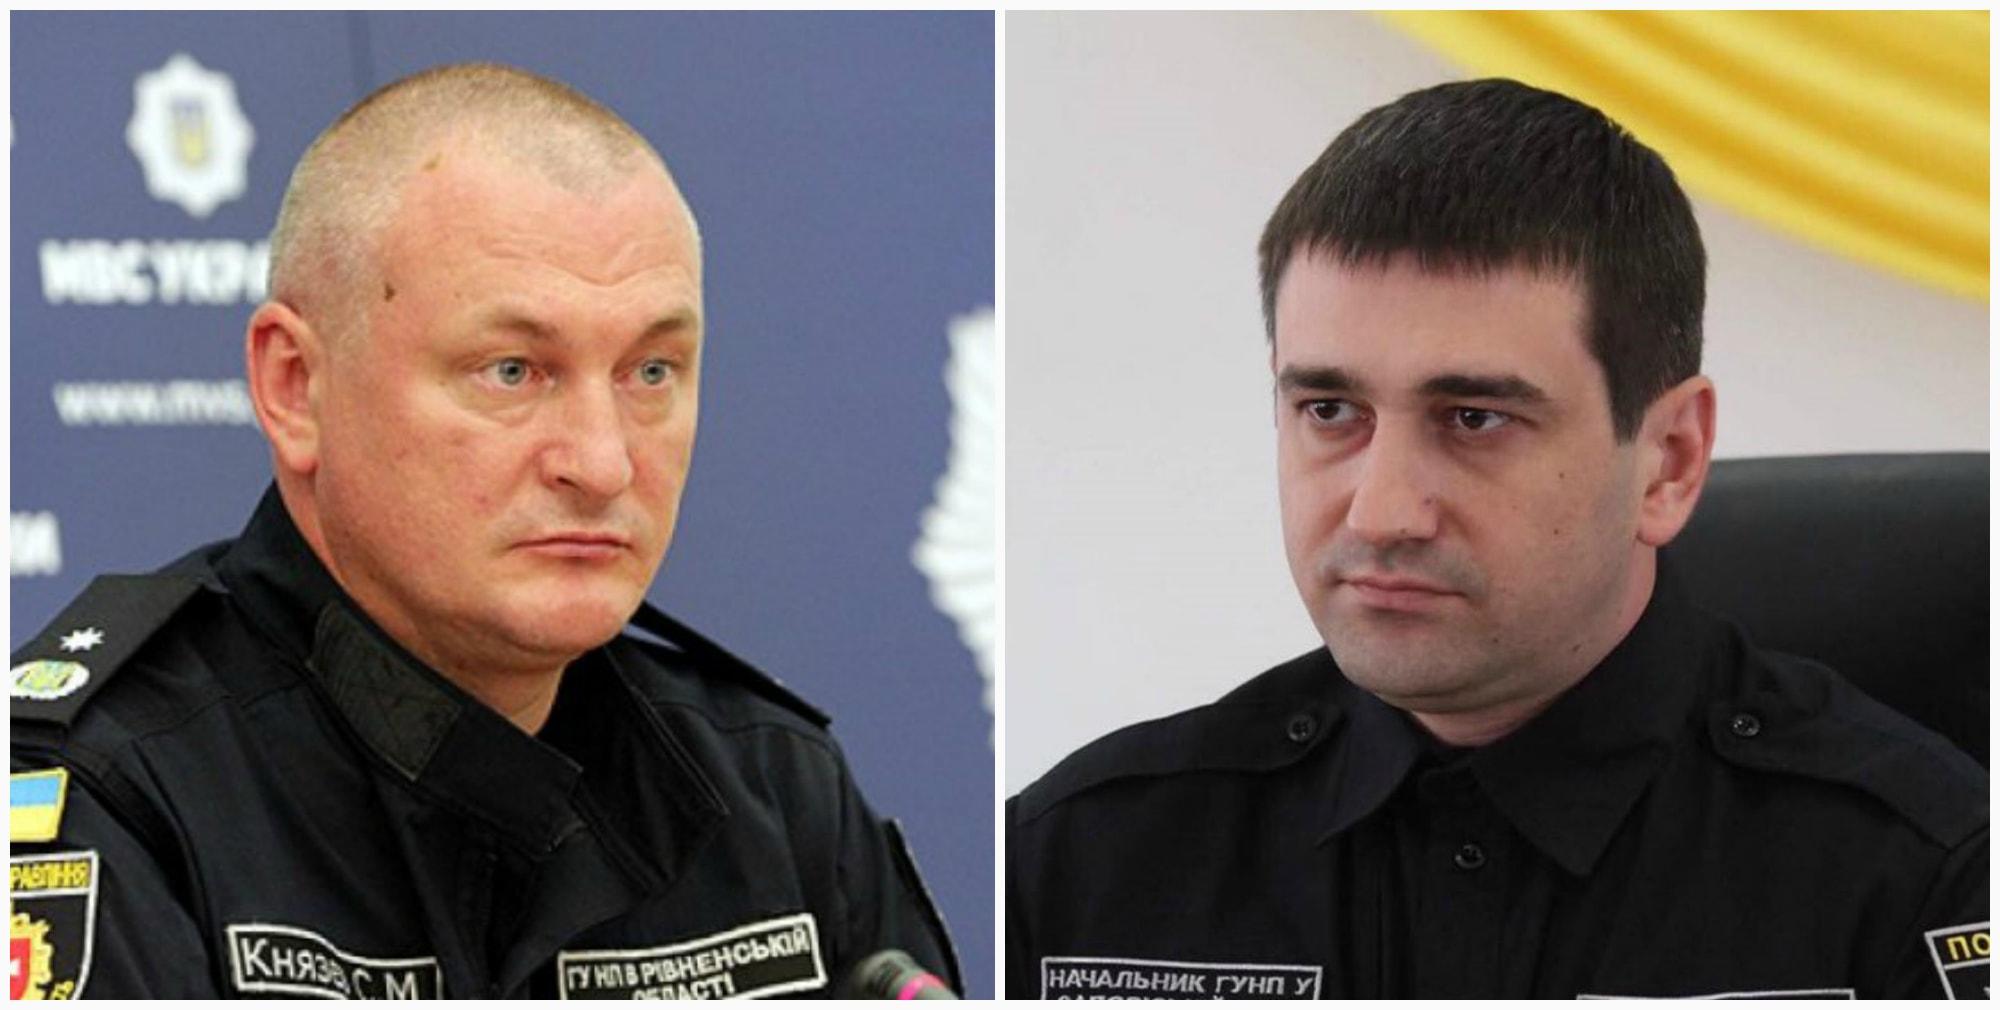 Стало известно, почему Князев перевел Олега Золотоношу из Запорожья